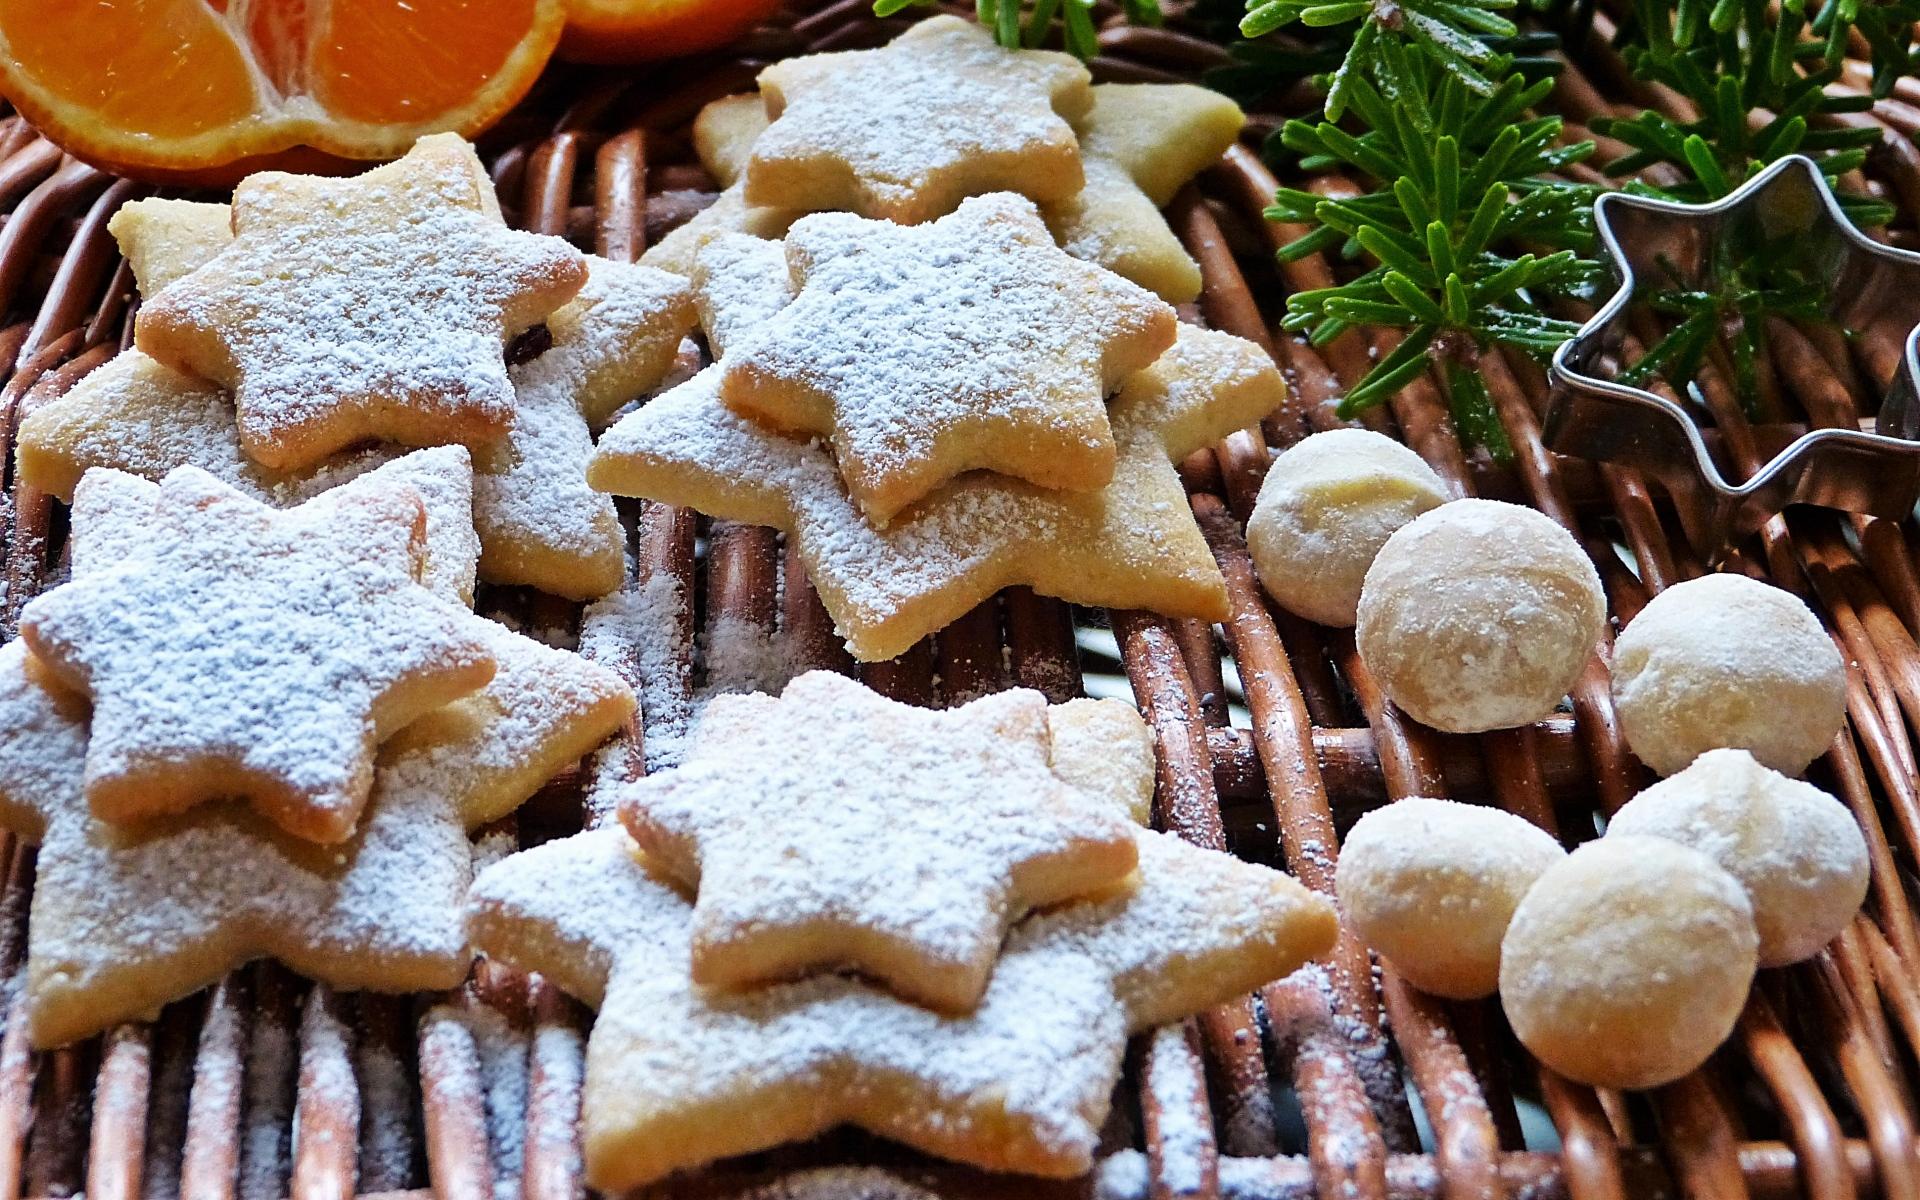 Картинки Печенье, орехи, макадамия фото и обои на рабочий стол